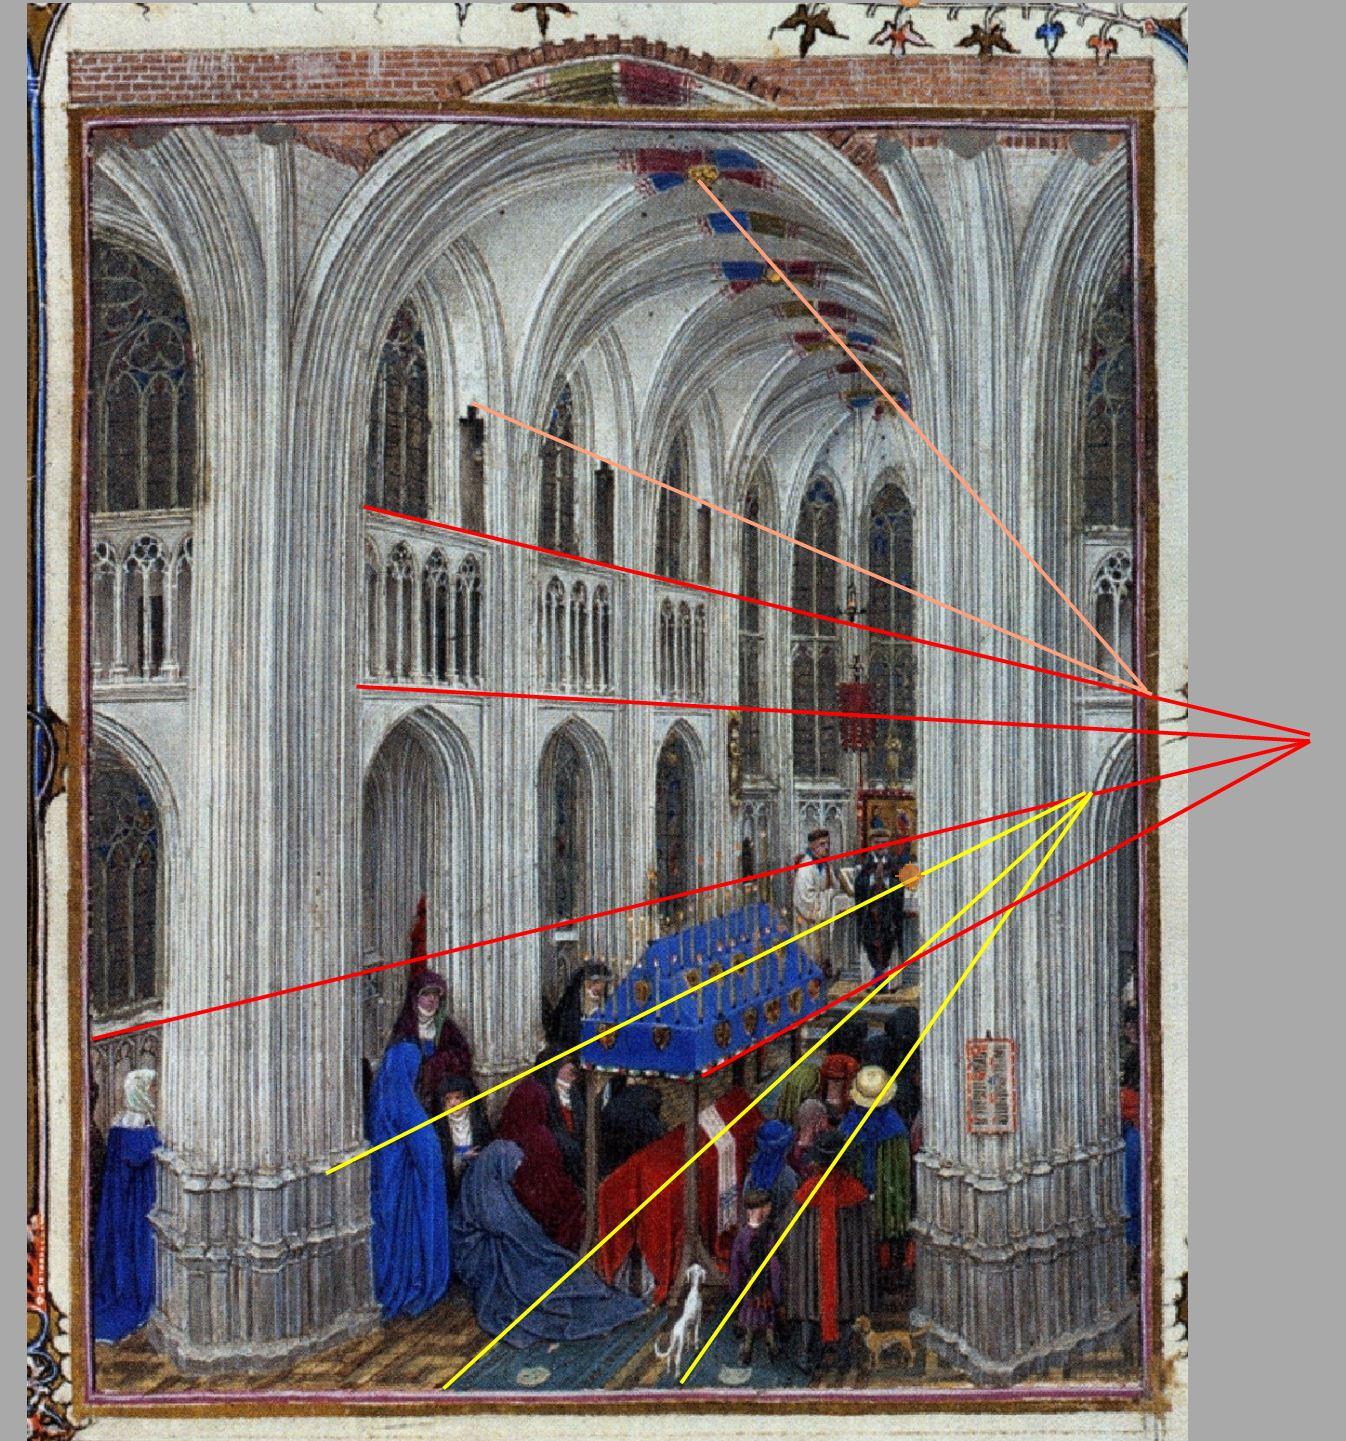 Atelier de Van Eyck 1420-30 Messe de requiem fol 116 Tres_Belles_Heures_de_Notre_Dame_de_Jean_de_Berry Turin City Museum of Ancient Art